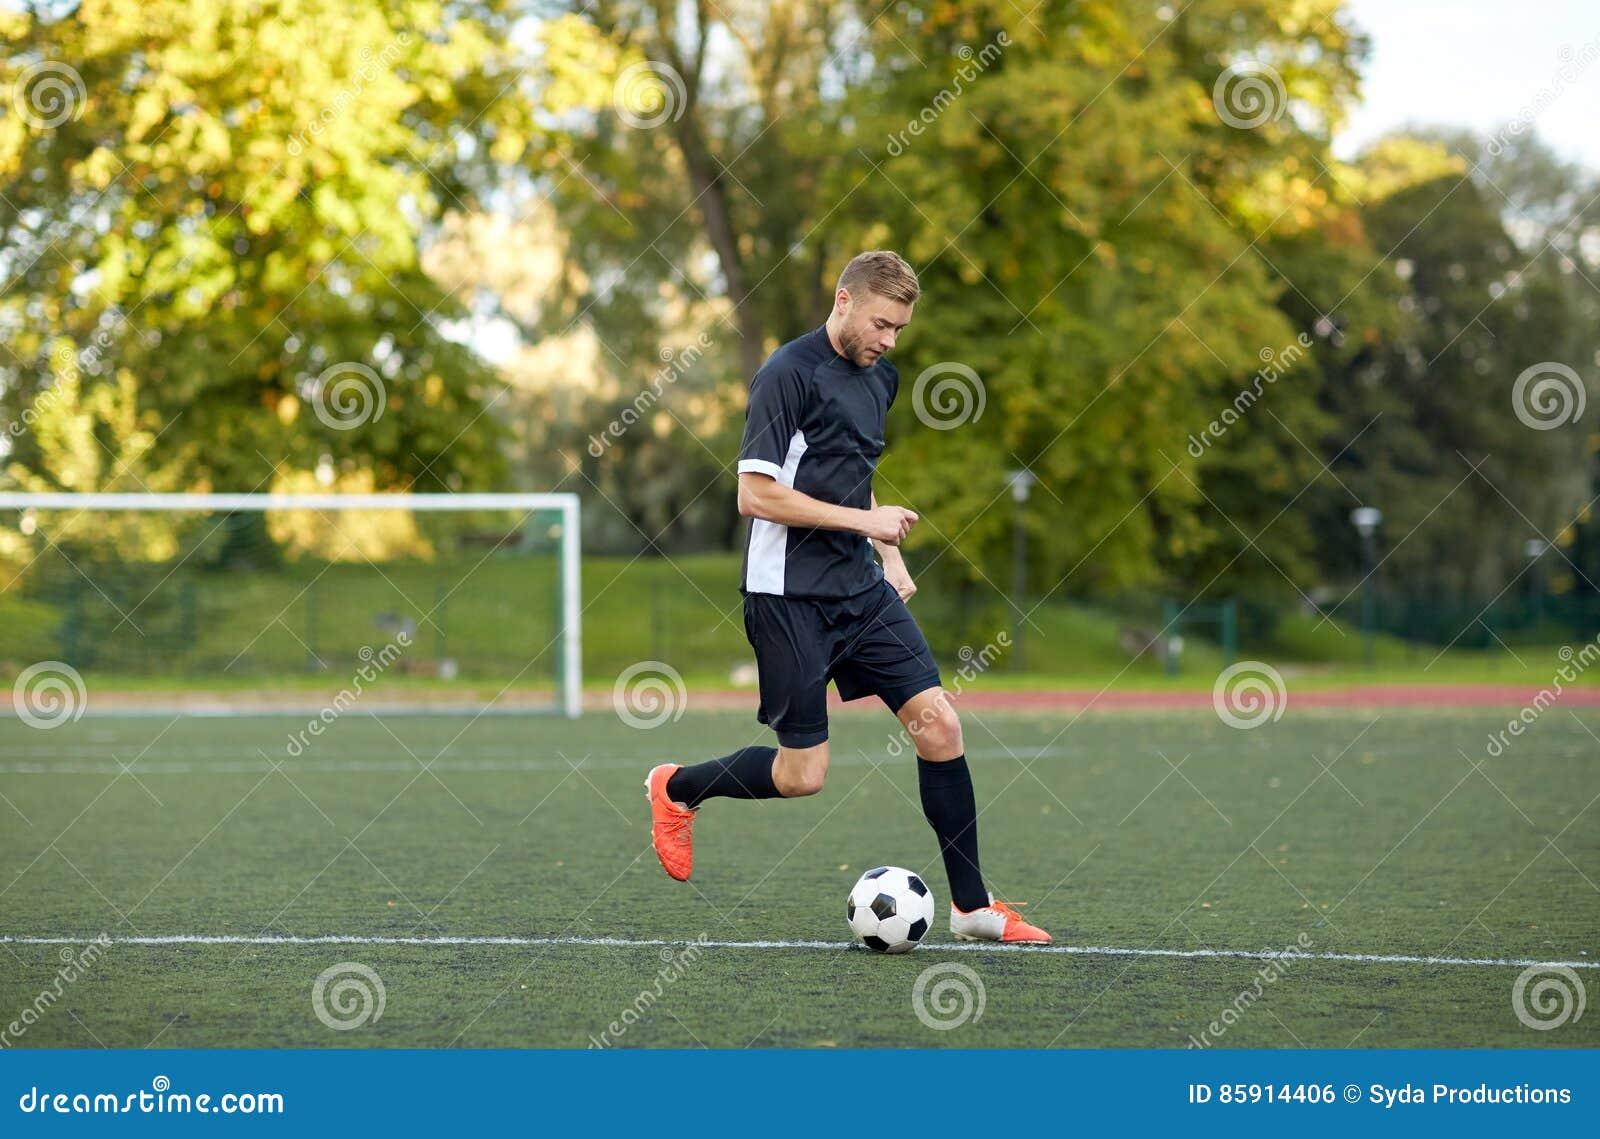 Παιχνίδι ποδοσφαιριστών με τη σφαίρα στο αγωνιστικό χώρο ποδοσφαίρου